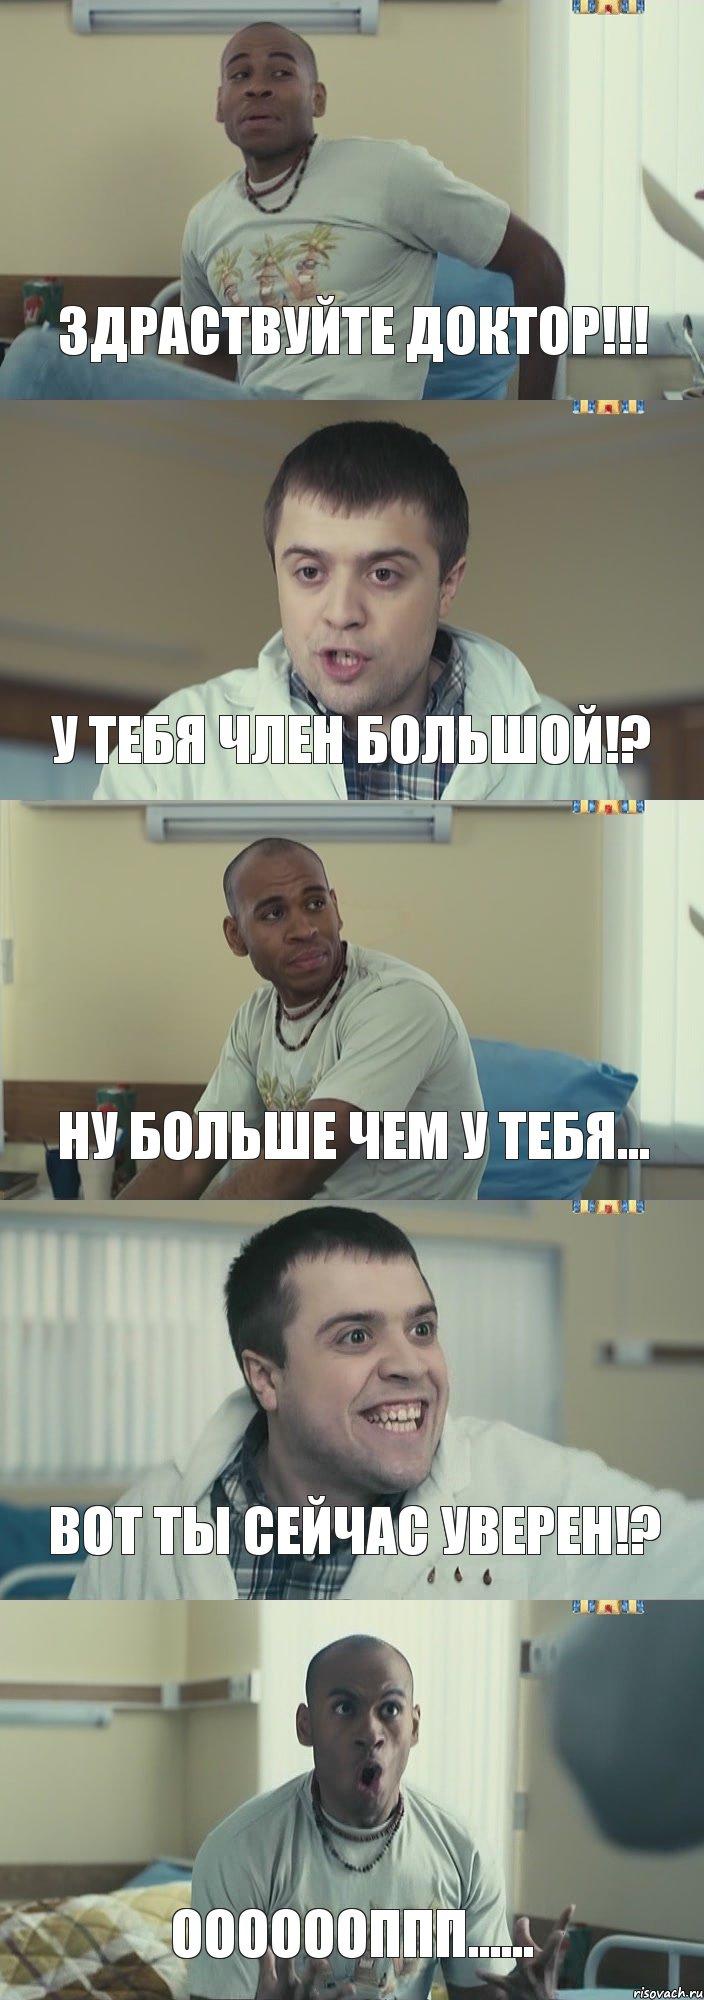 большой член фото: